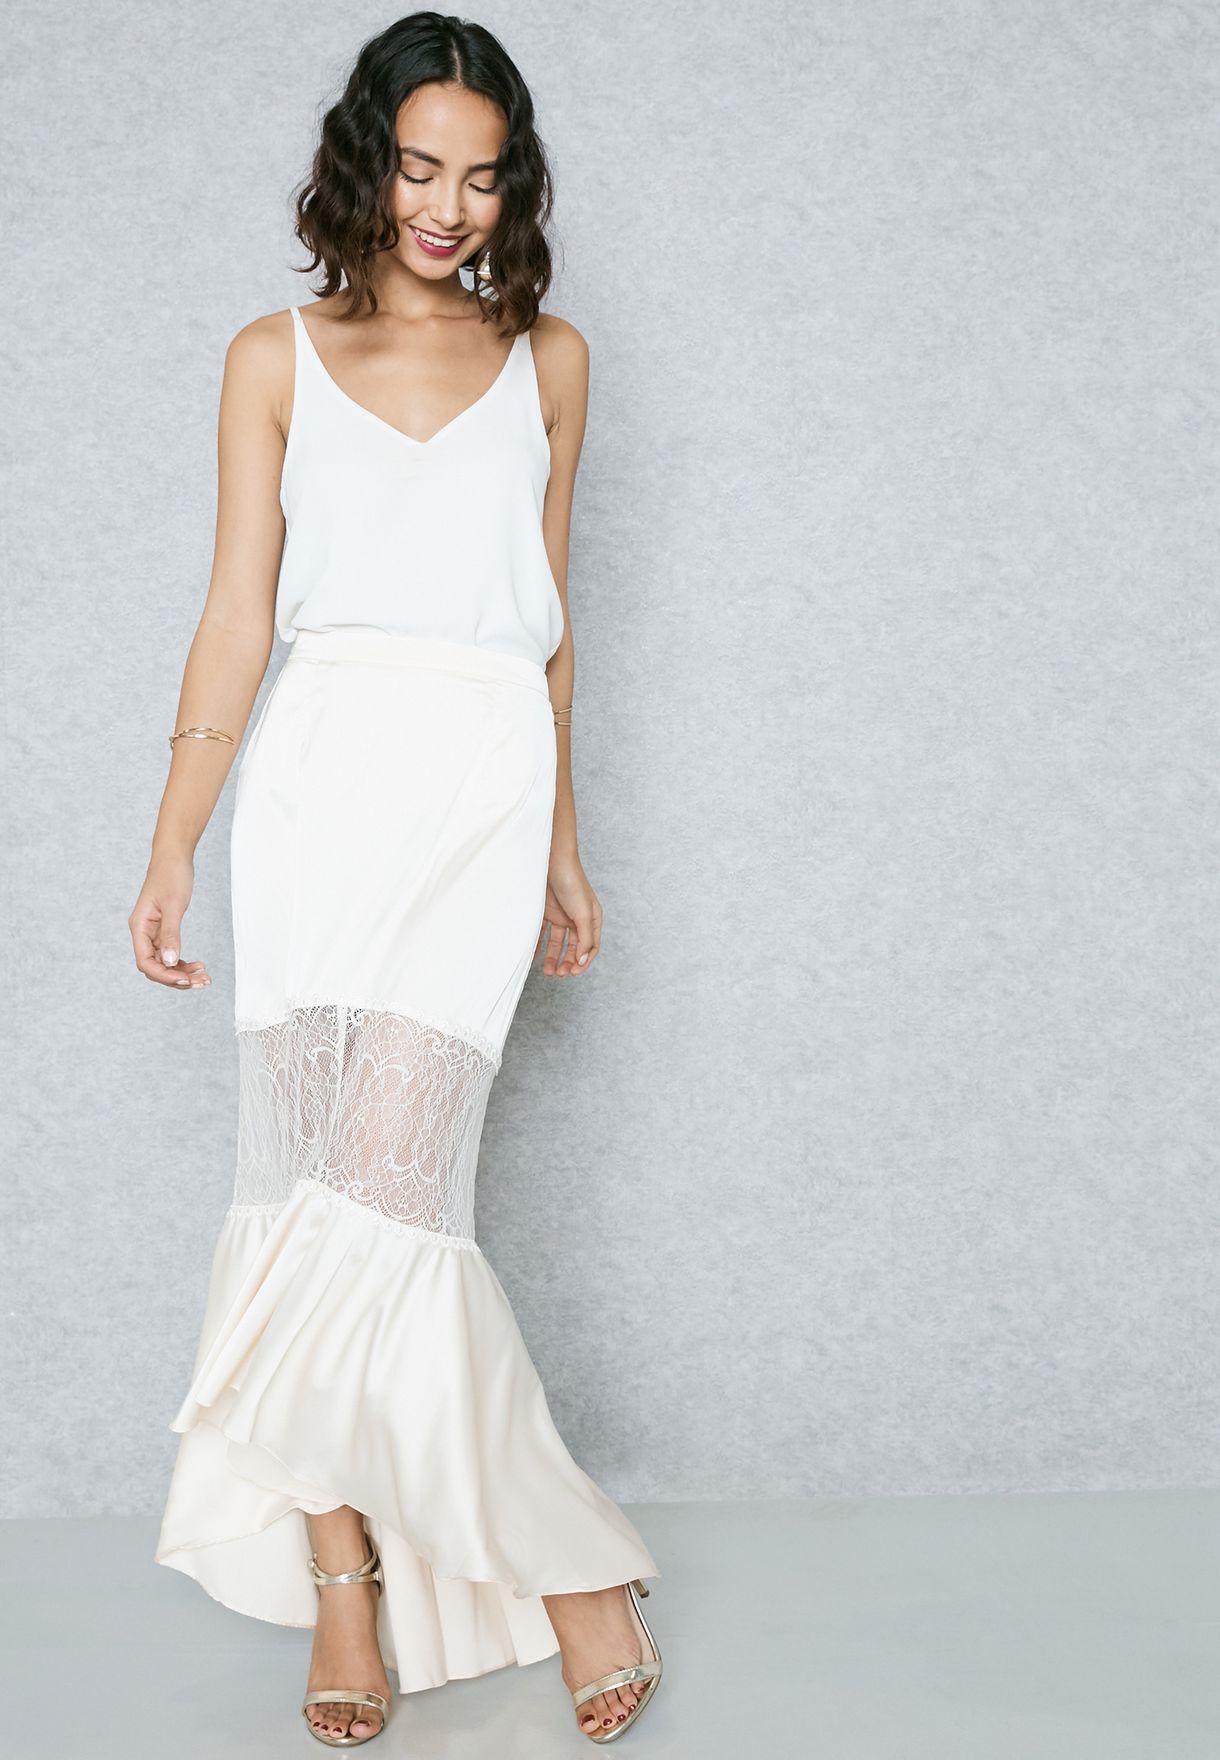 Crop Top Fishtail Skirt